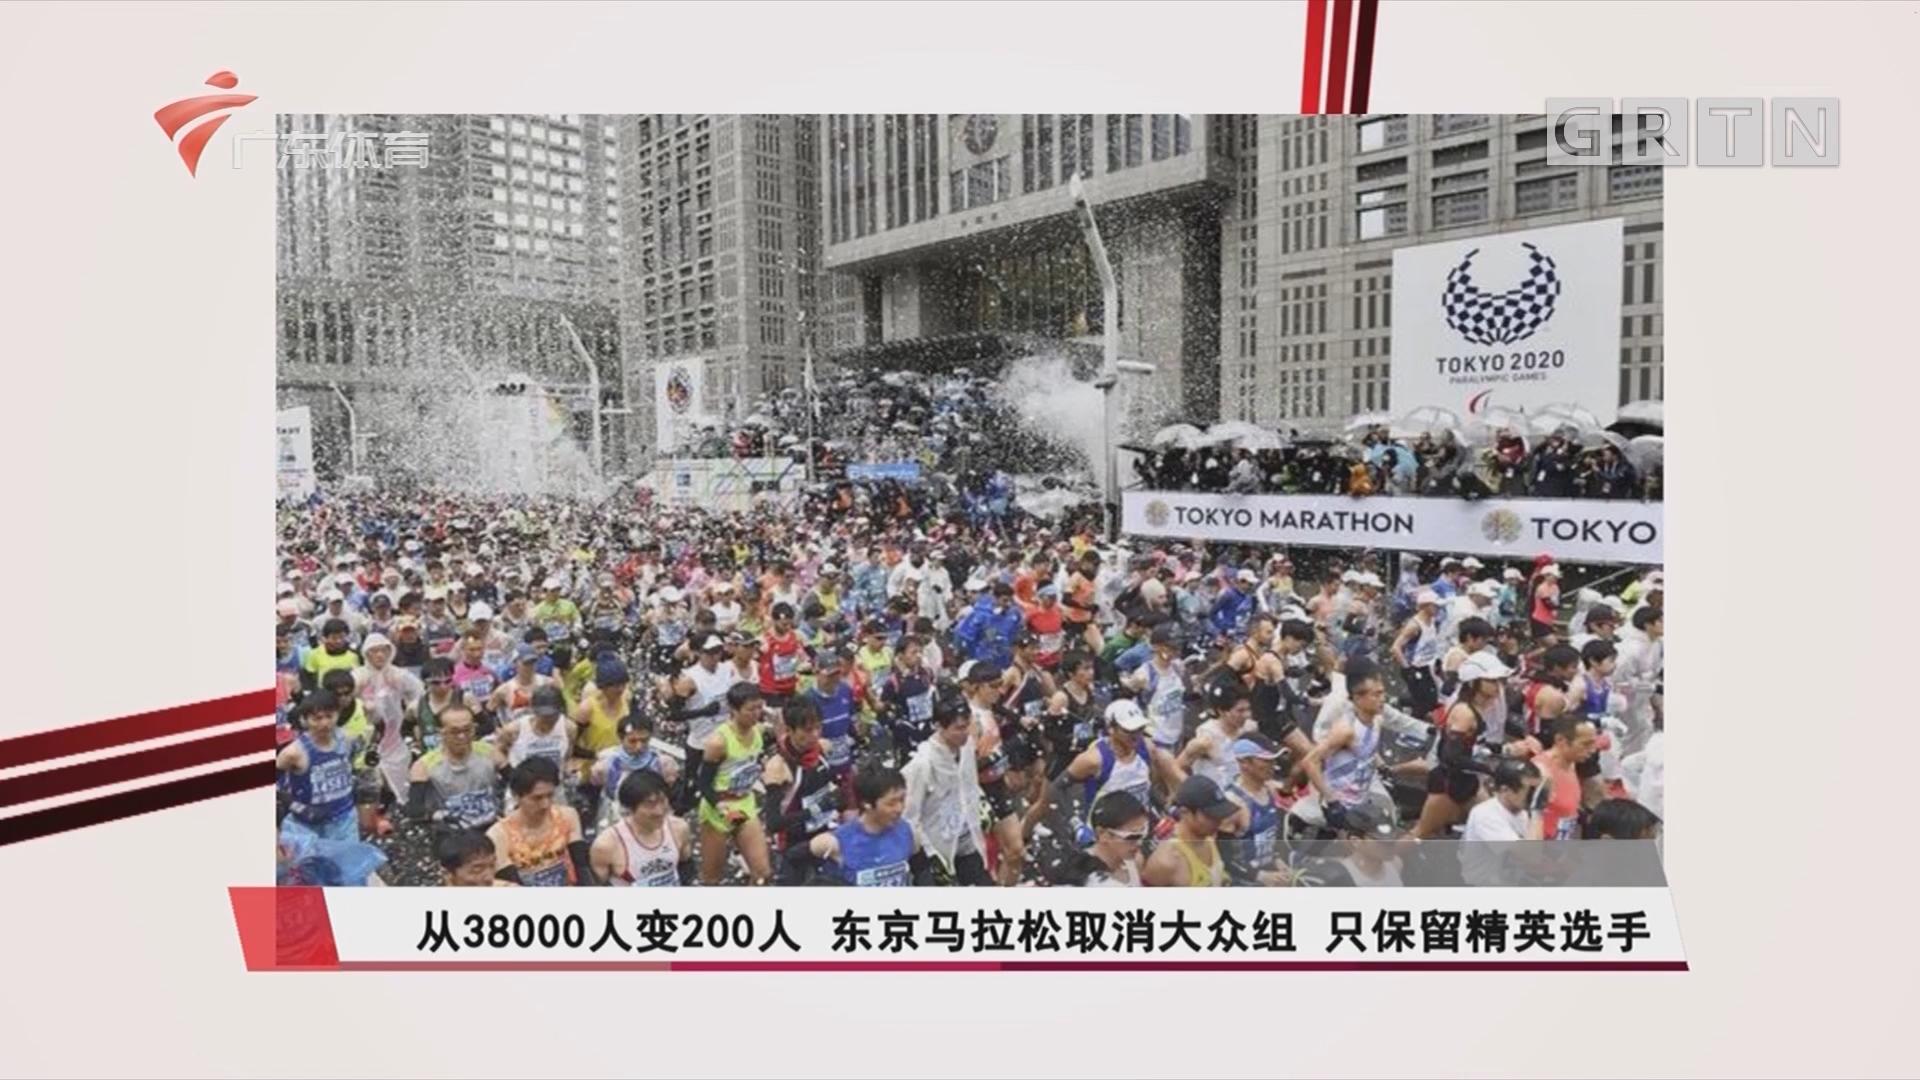 从38000人变200人 东京马拉松取消大众组 只保留精英选手